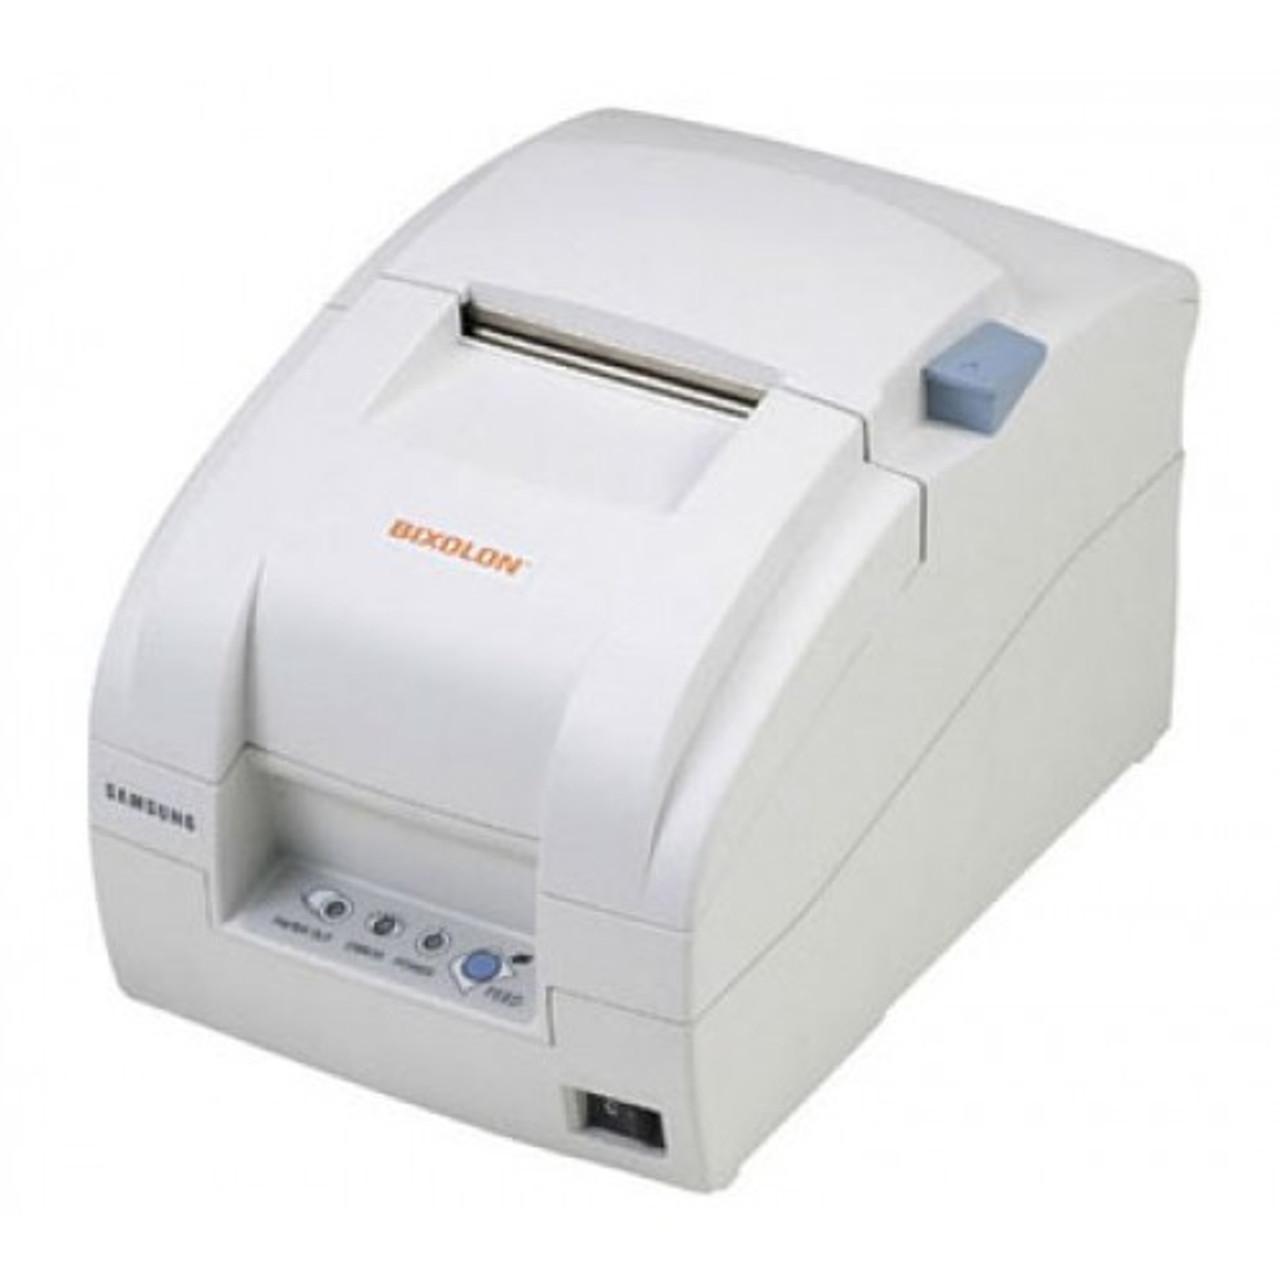 Bixolon SRP-275II, POS Impact Receipt Printer, White